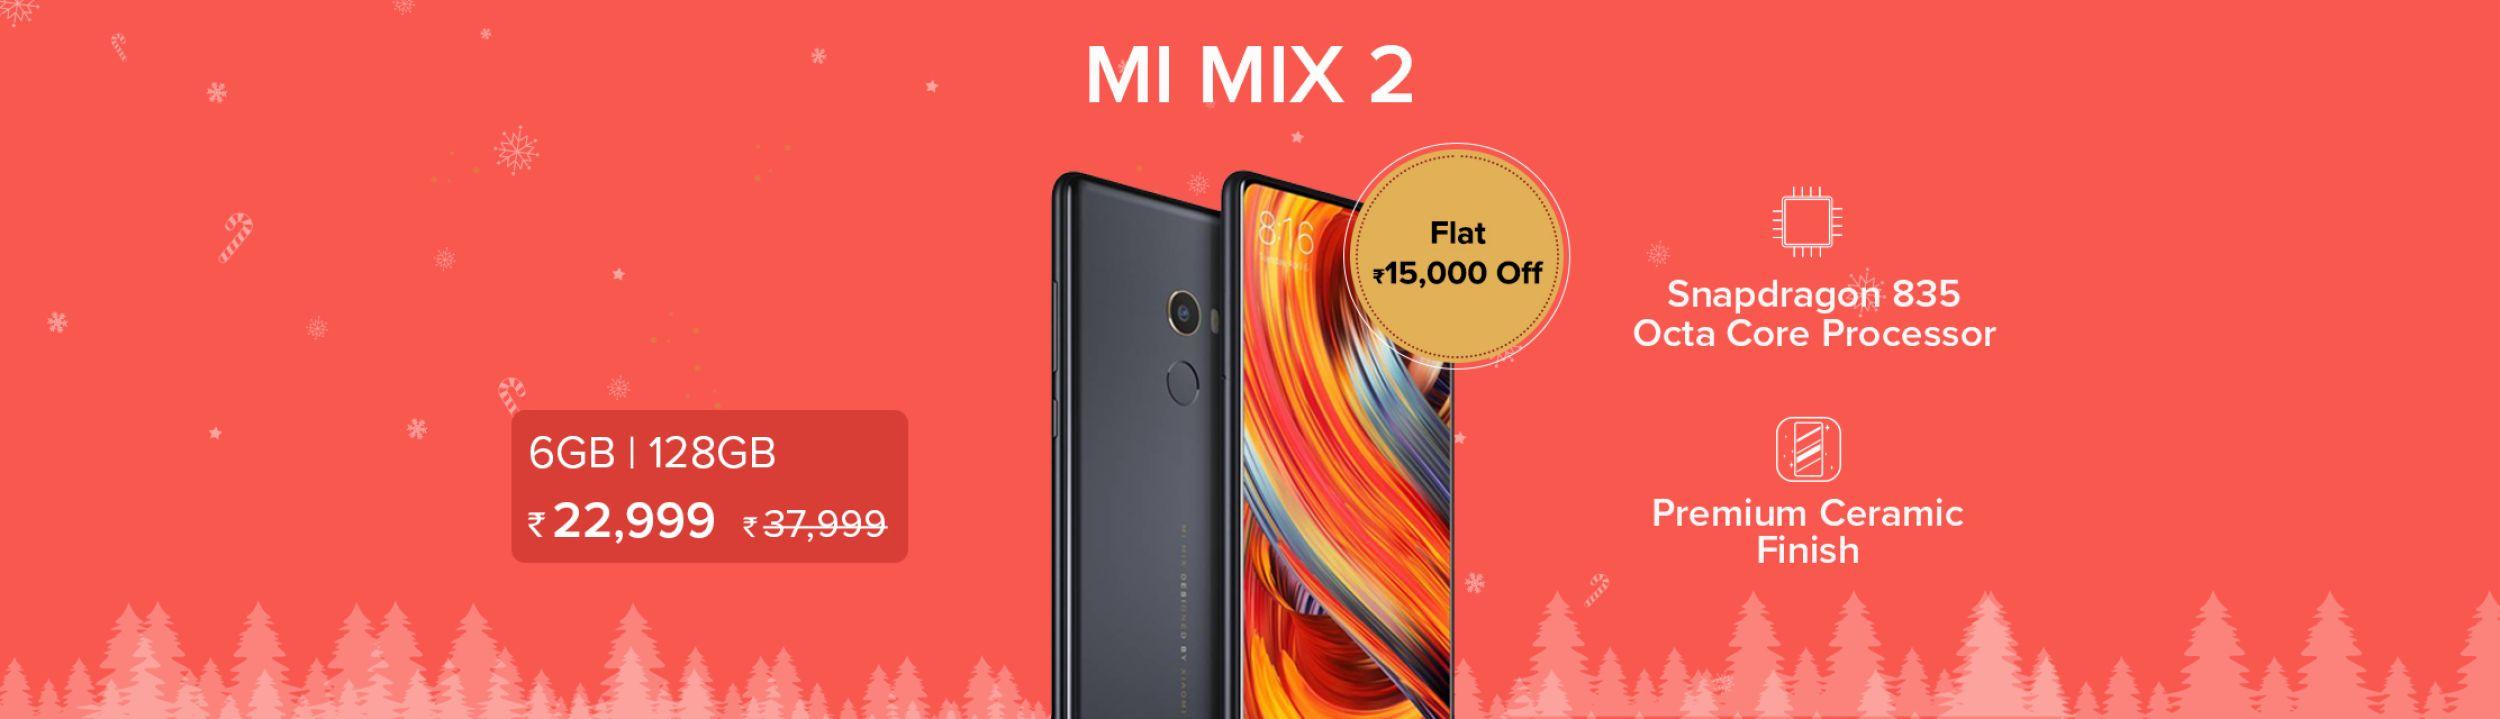 Mi-Mimix2-Ban